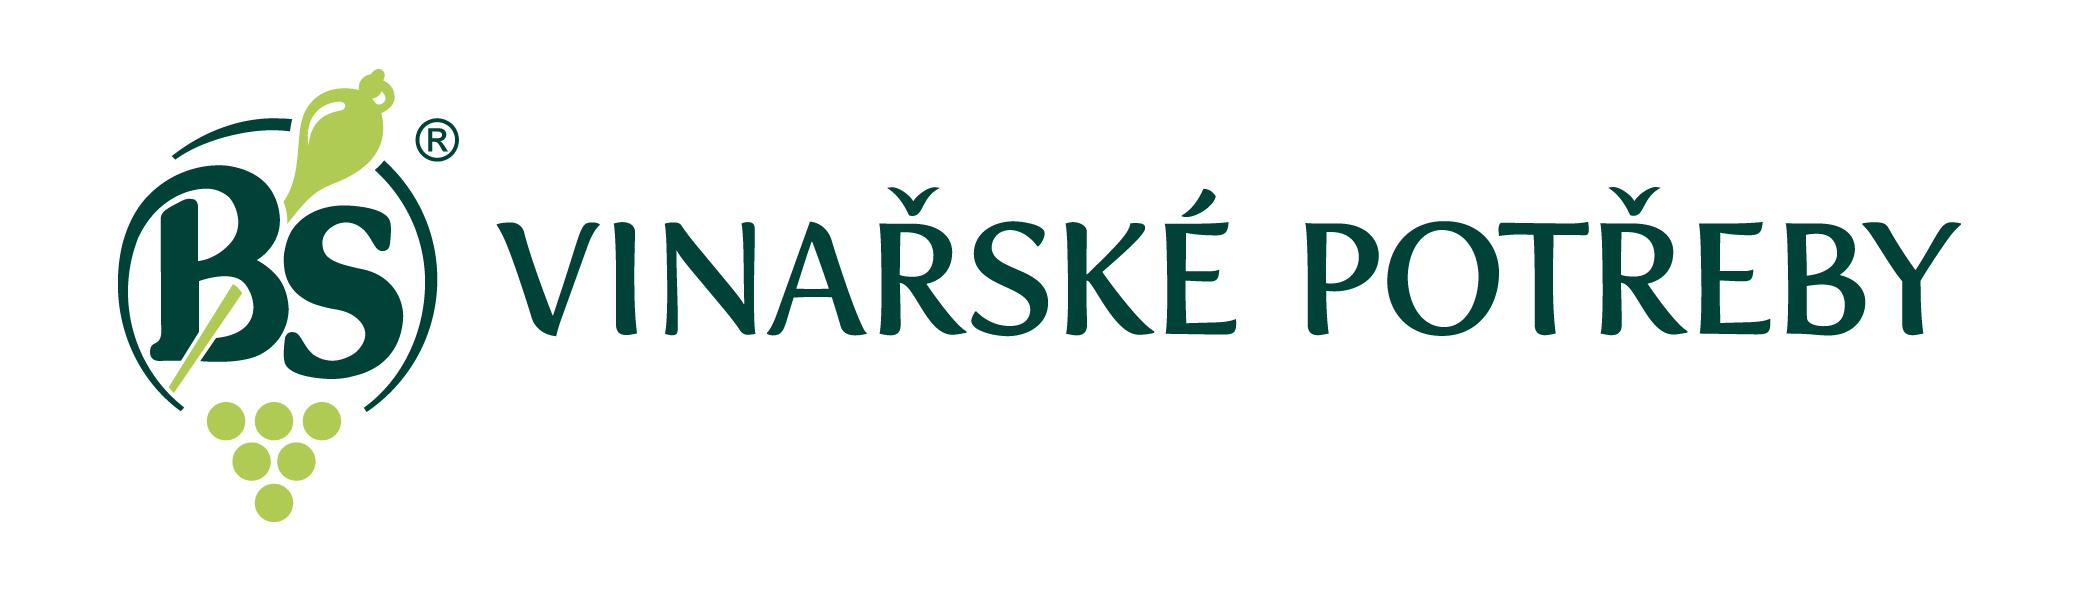 BS_Vinarske_potreby_logo